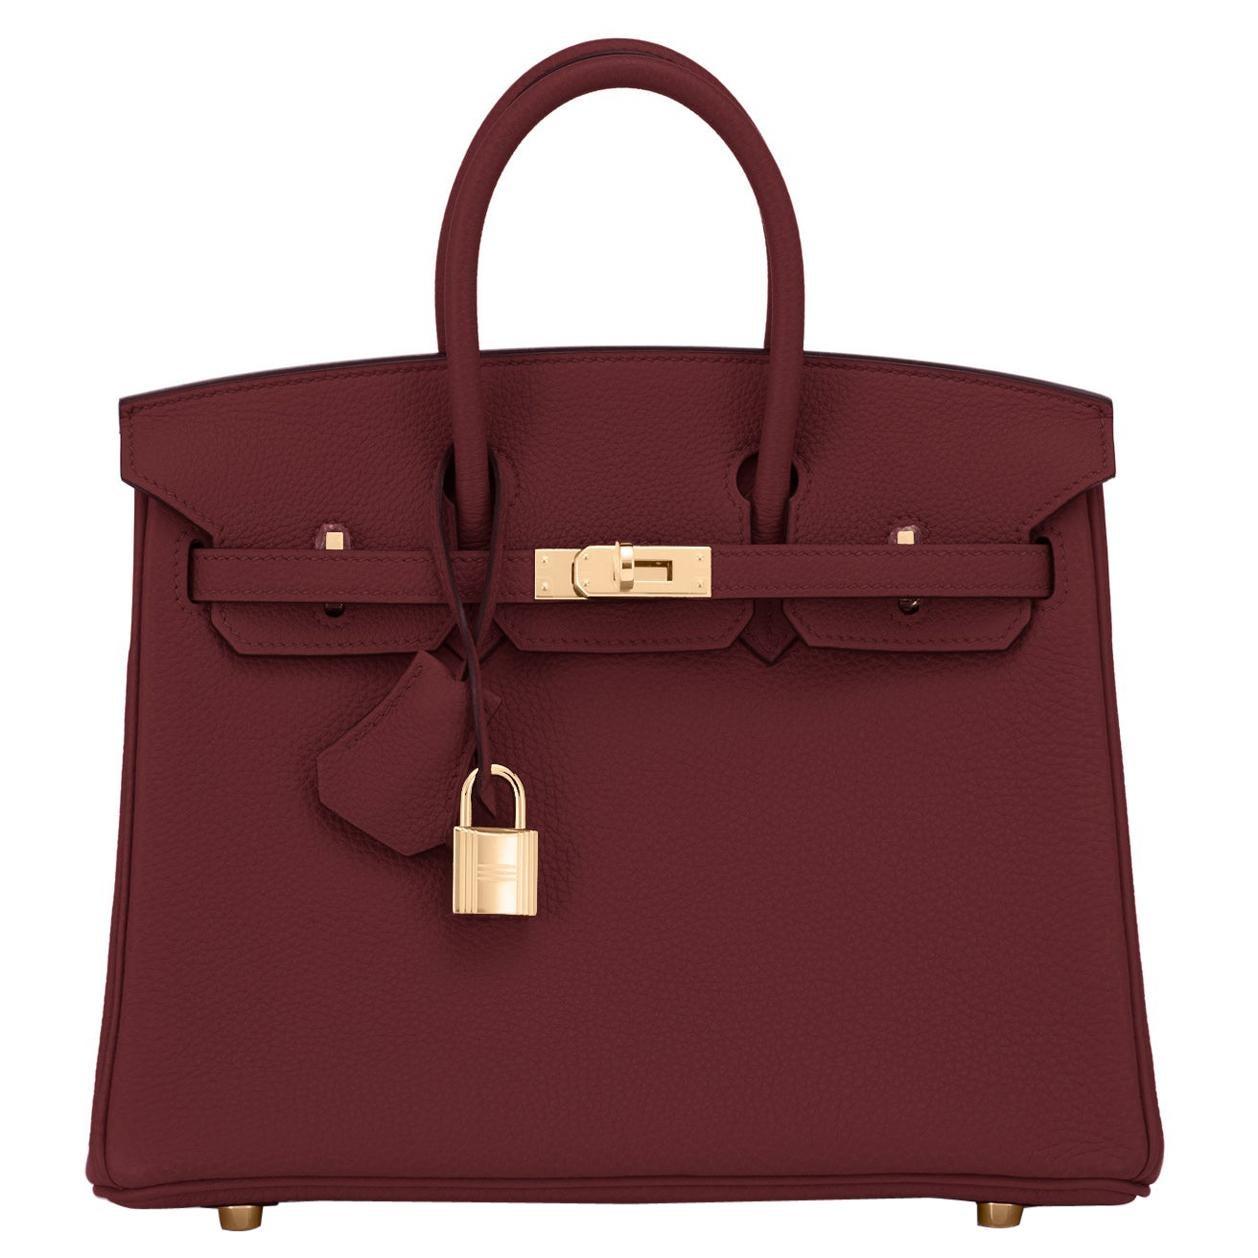 Hermes Birkin 25cm Rouge H Bordeaux Red Gold Hardware Bag Y Stamp, 2020